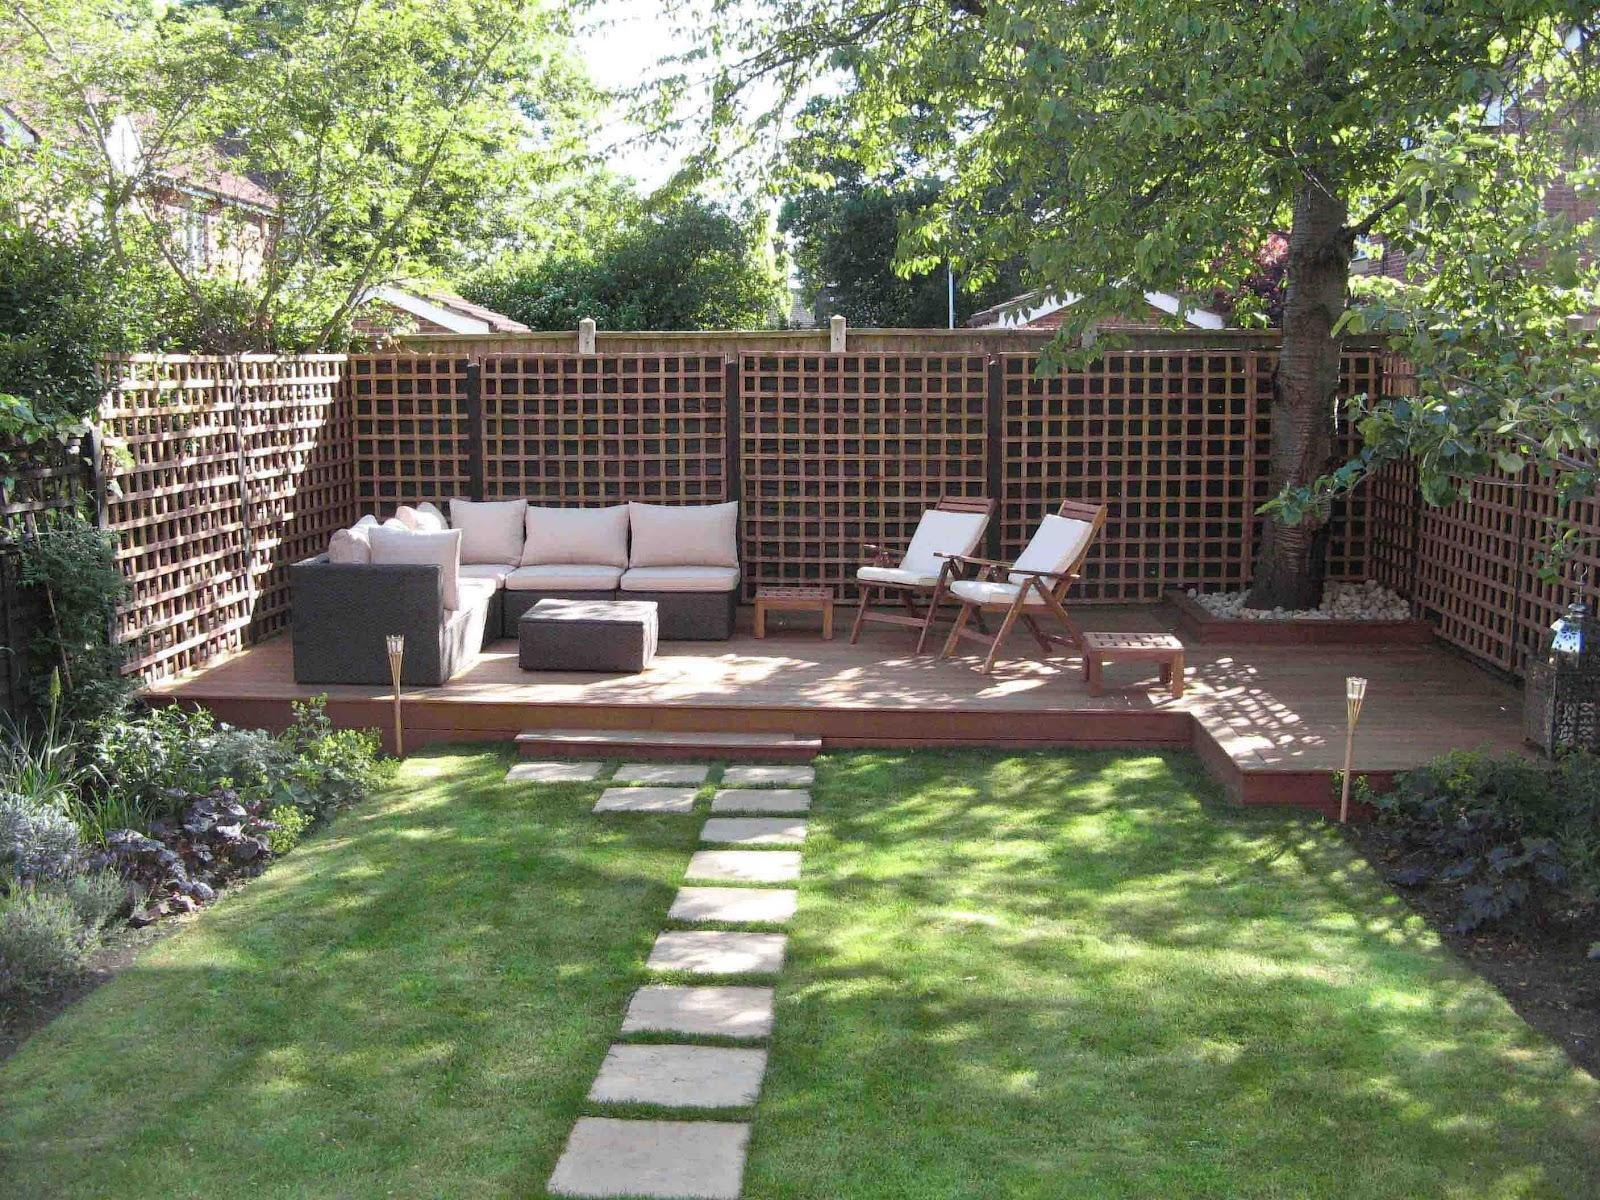 Arredare terrazzi piccoli: interni piccoli: i colori per arredare ...